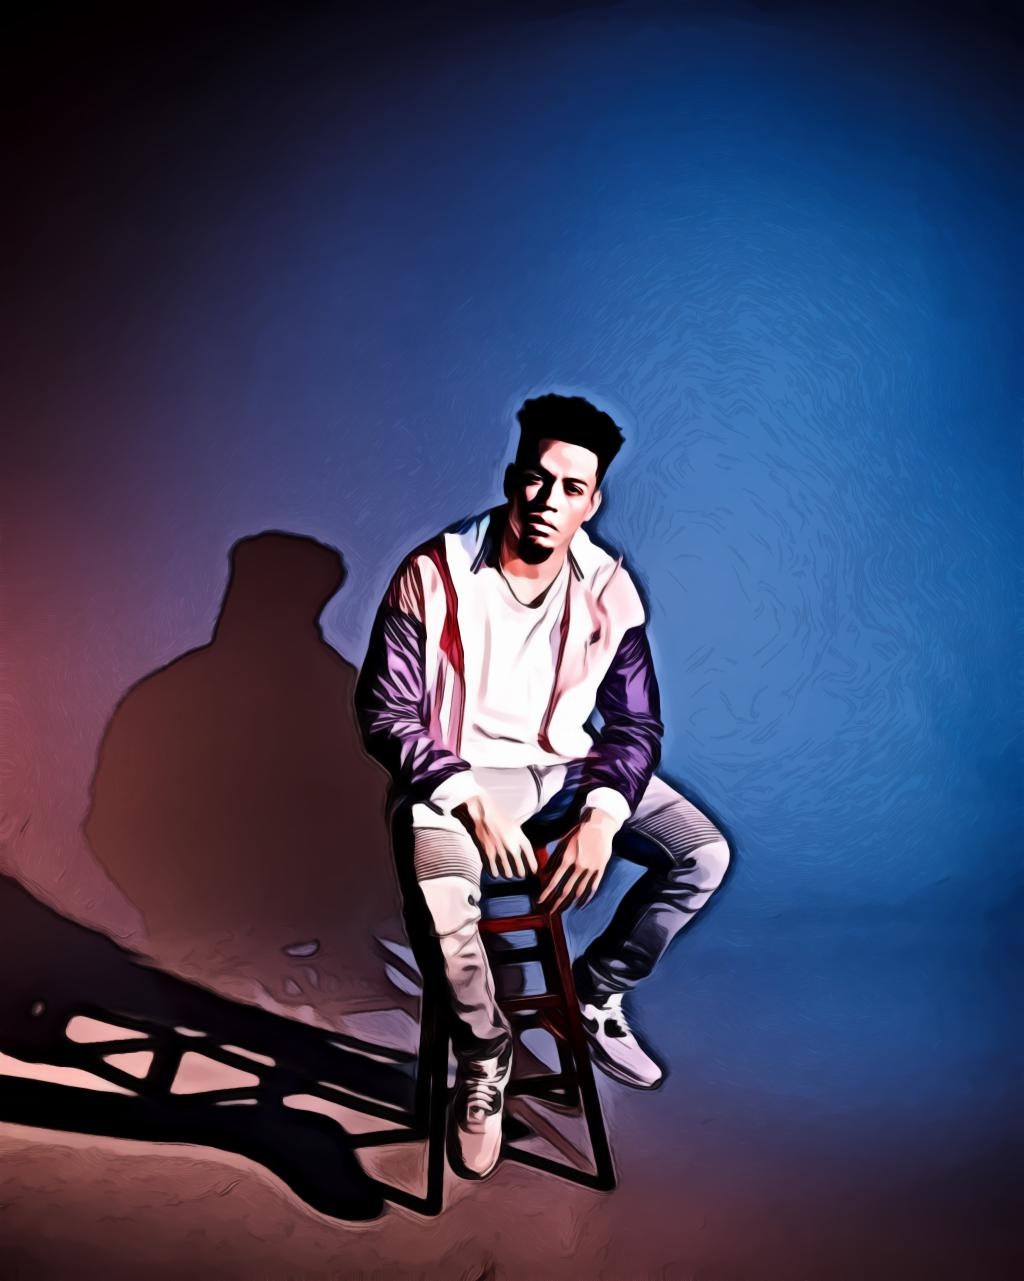 Man sitting on brown stool